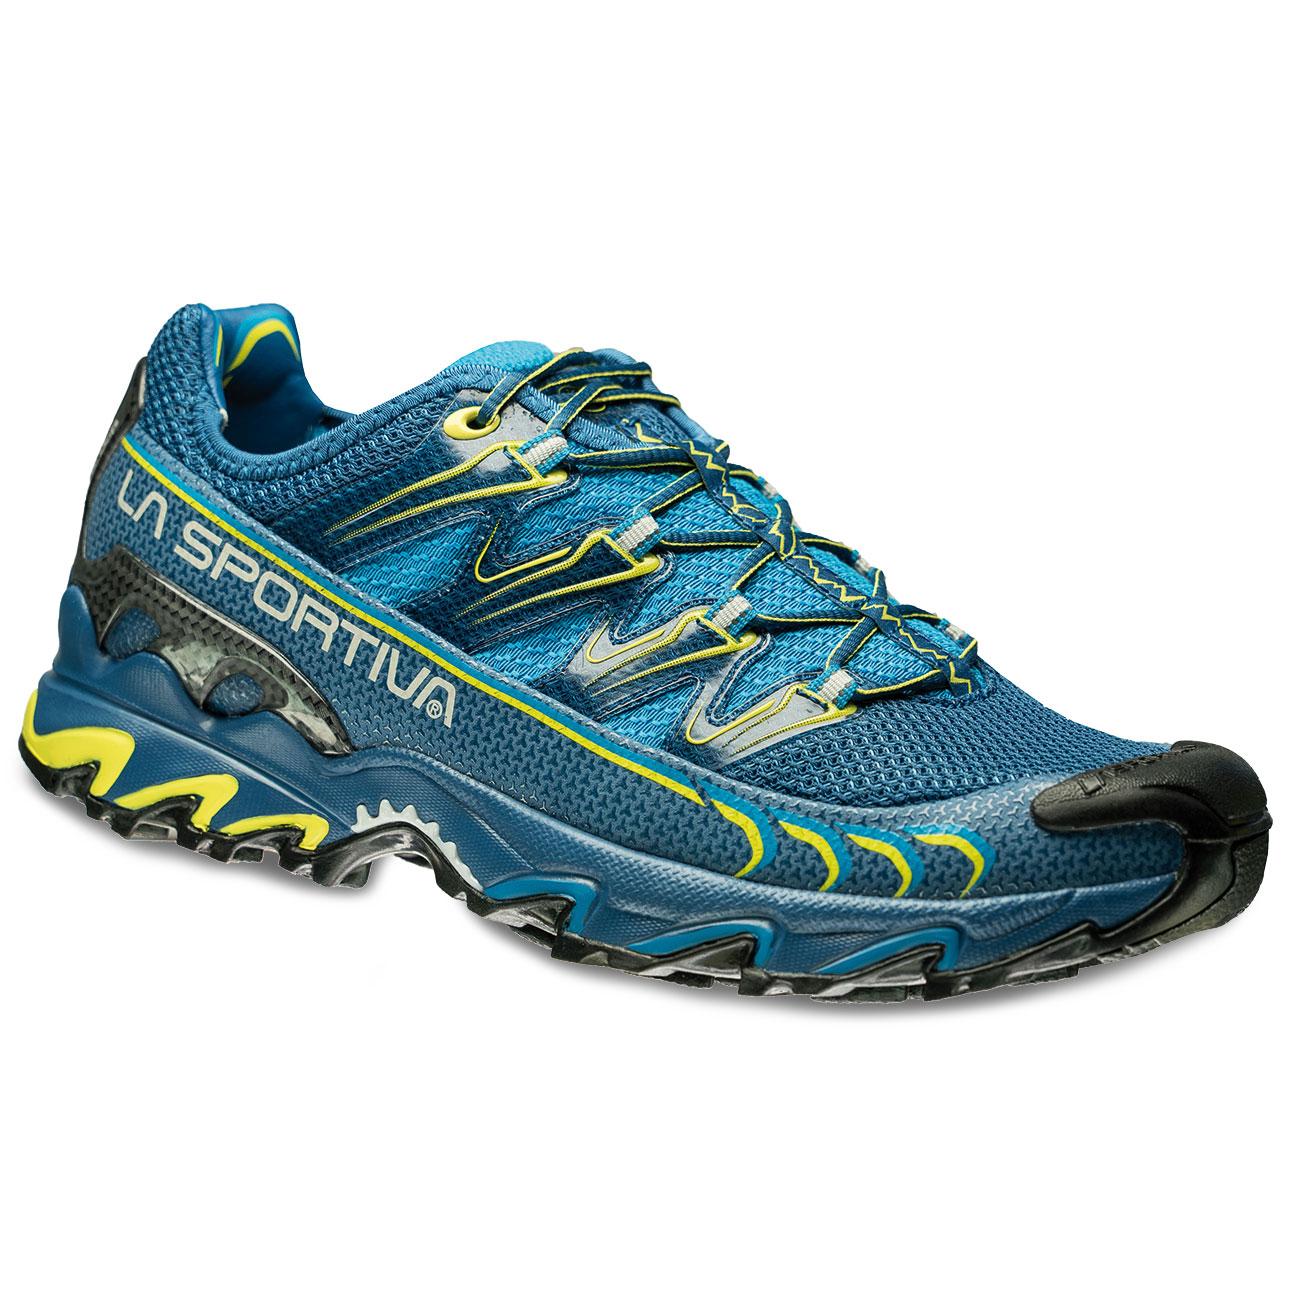 Ultra Raptor - Schuh für lange offroad Strecken, Ultramarathon Wettkämpfe und lange Trainingseinheiten. Bei SportBeck.